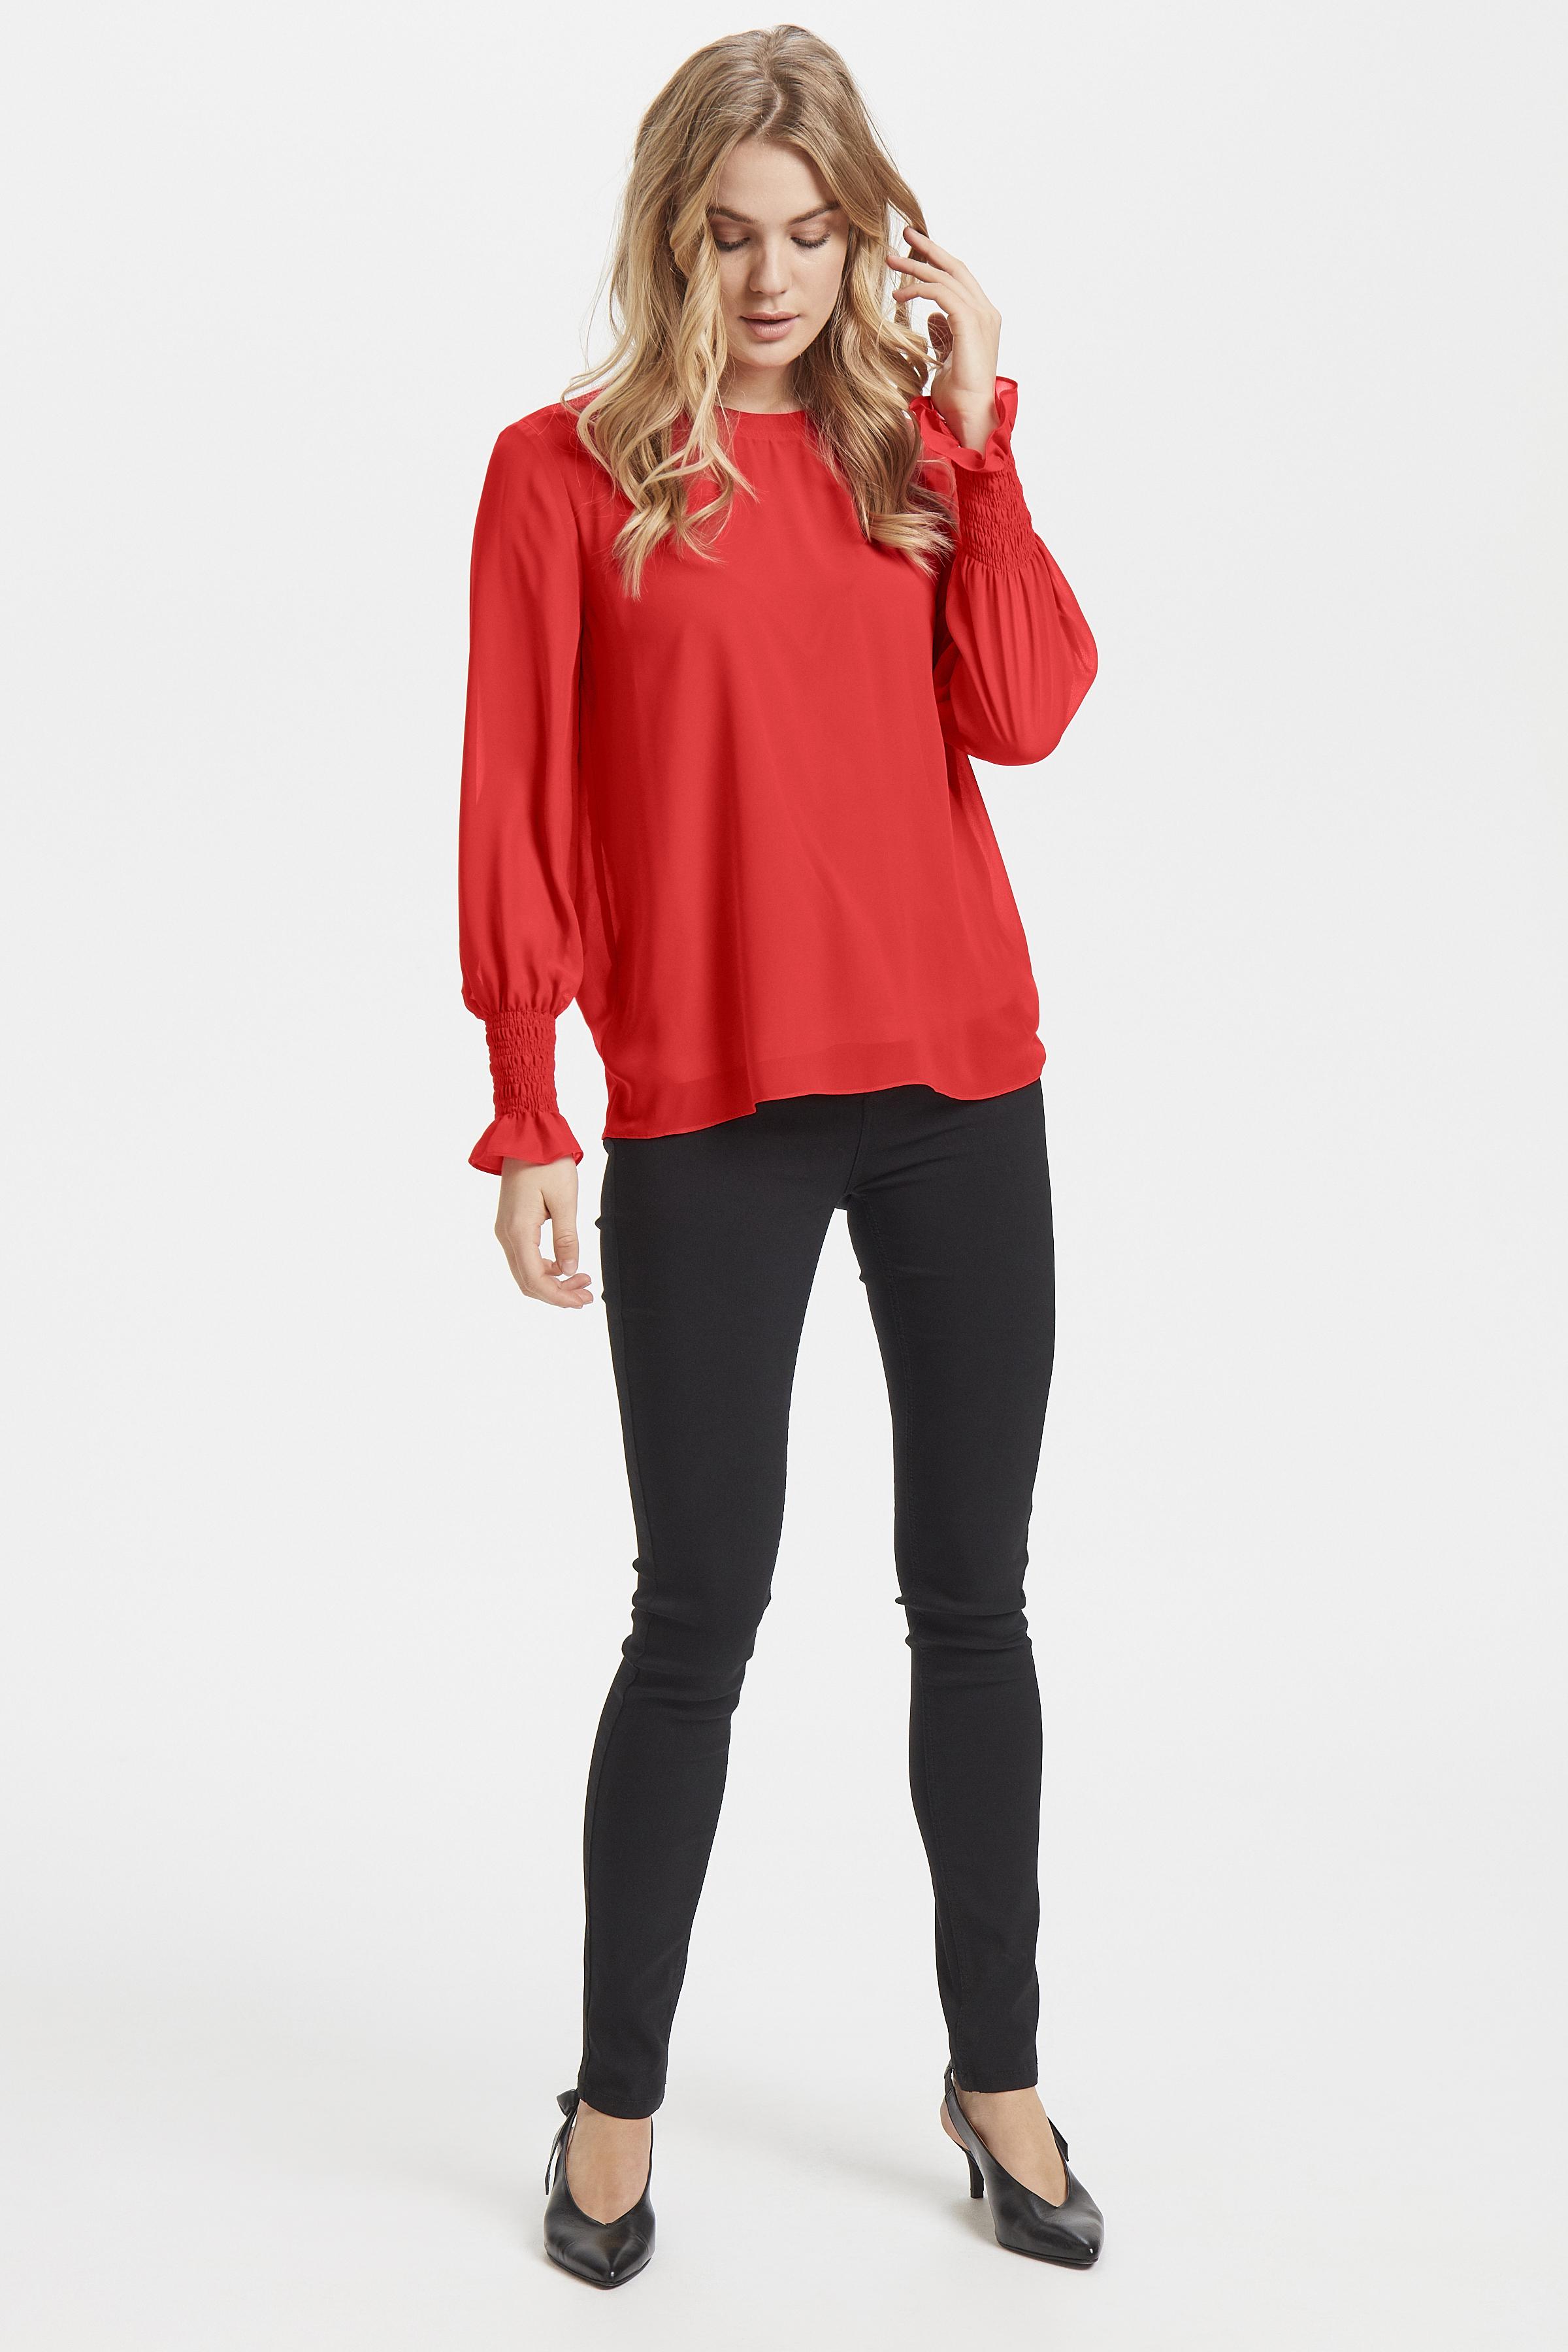 Chinese Red Blouse met lange mouwen van b.young – Koop Chinese Red Blouse met lange mouwen hier van size 34-42